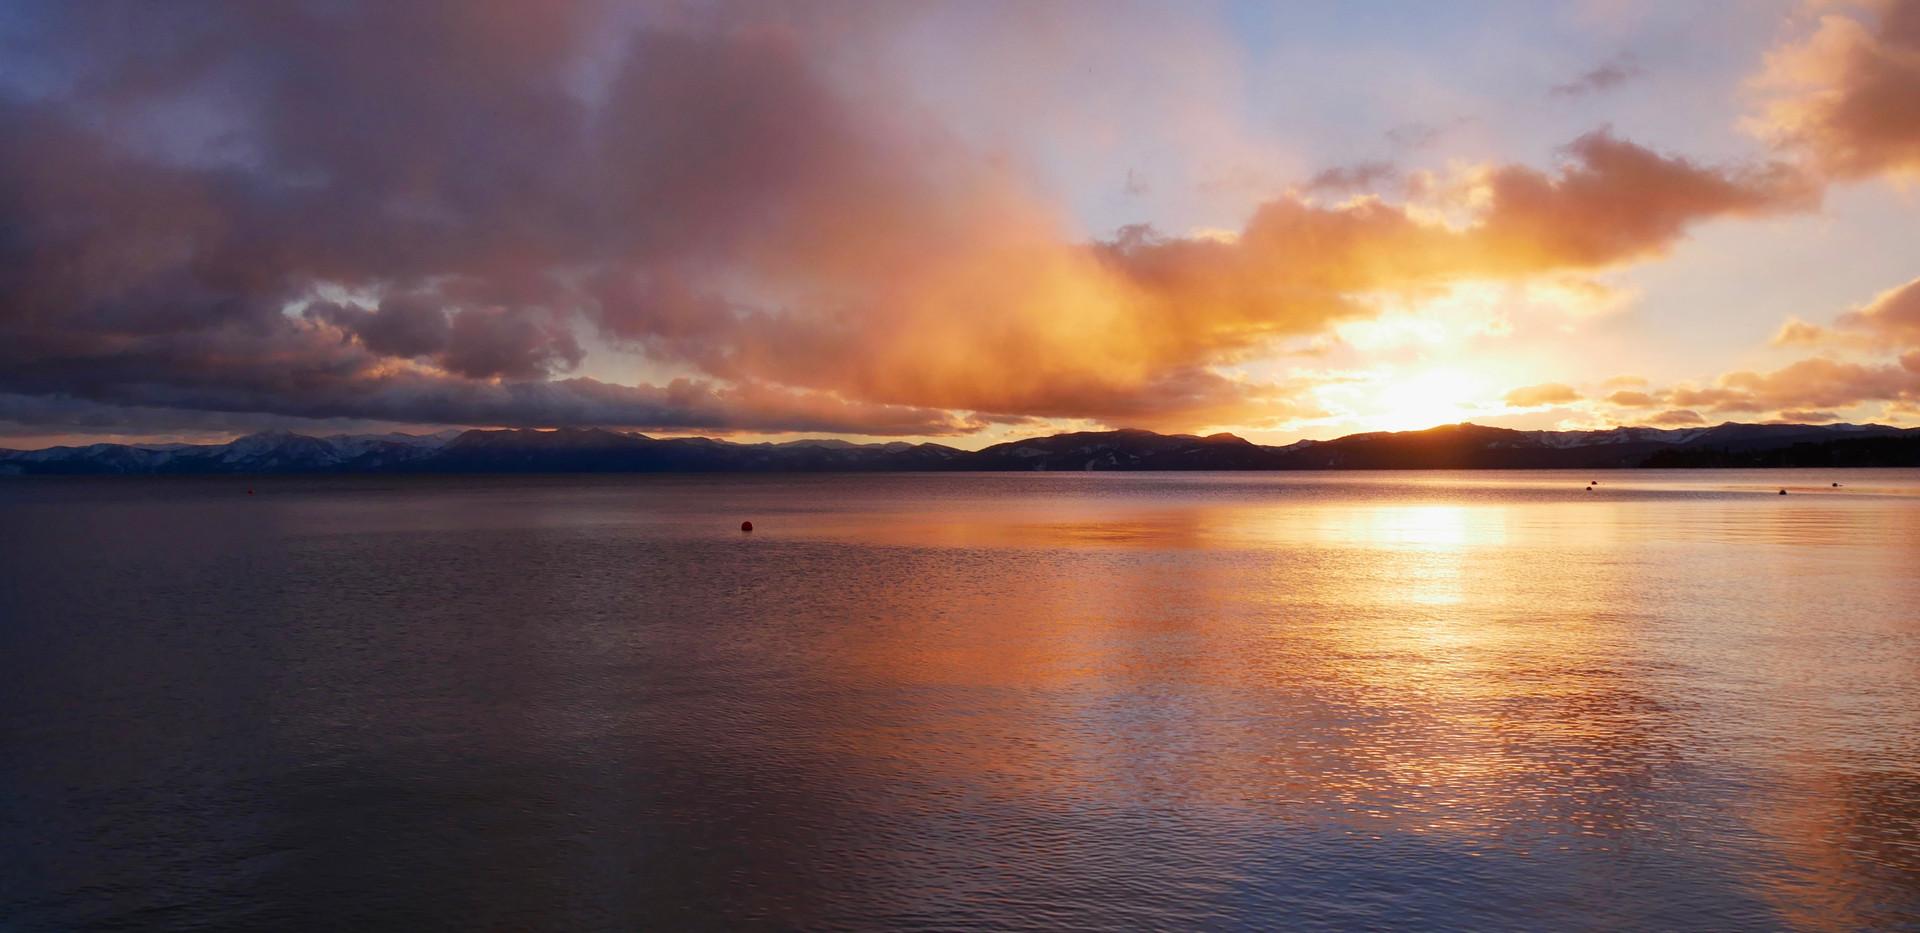 Sunset from afar LT.jpg